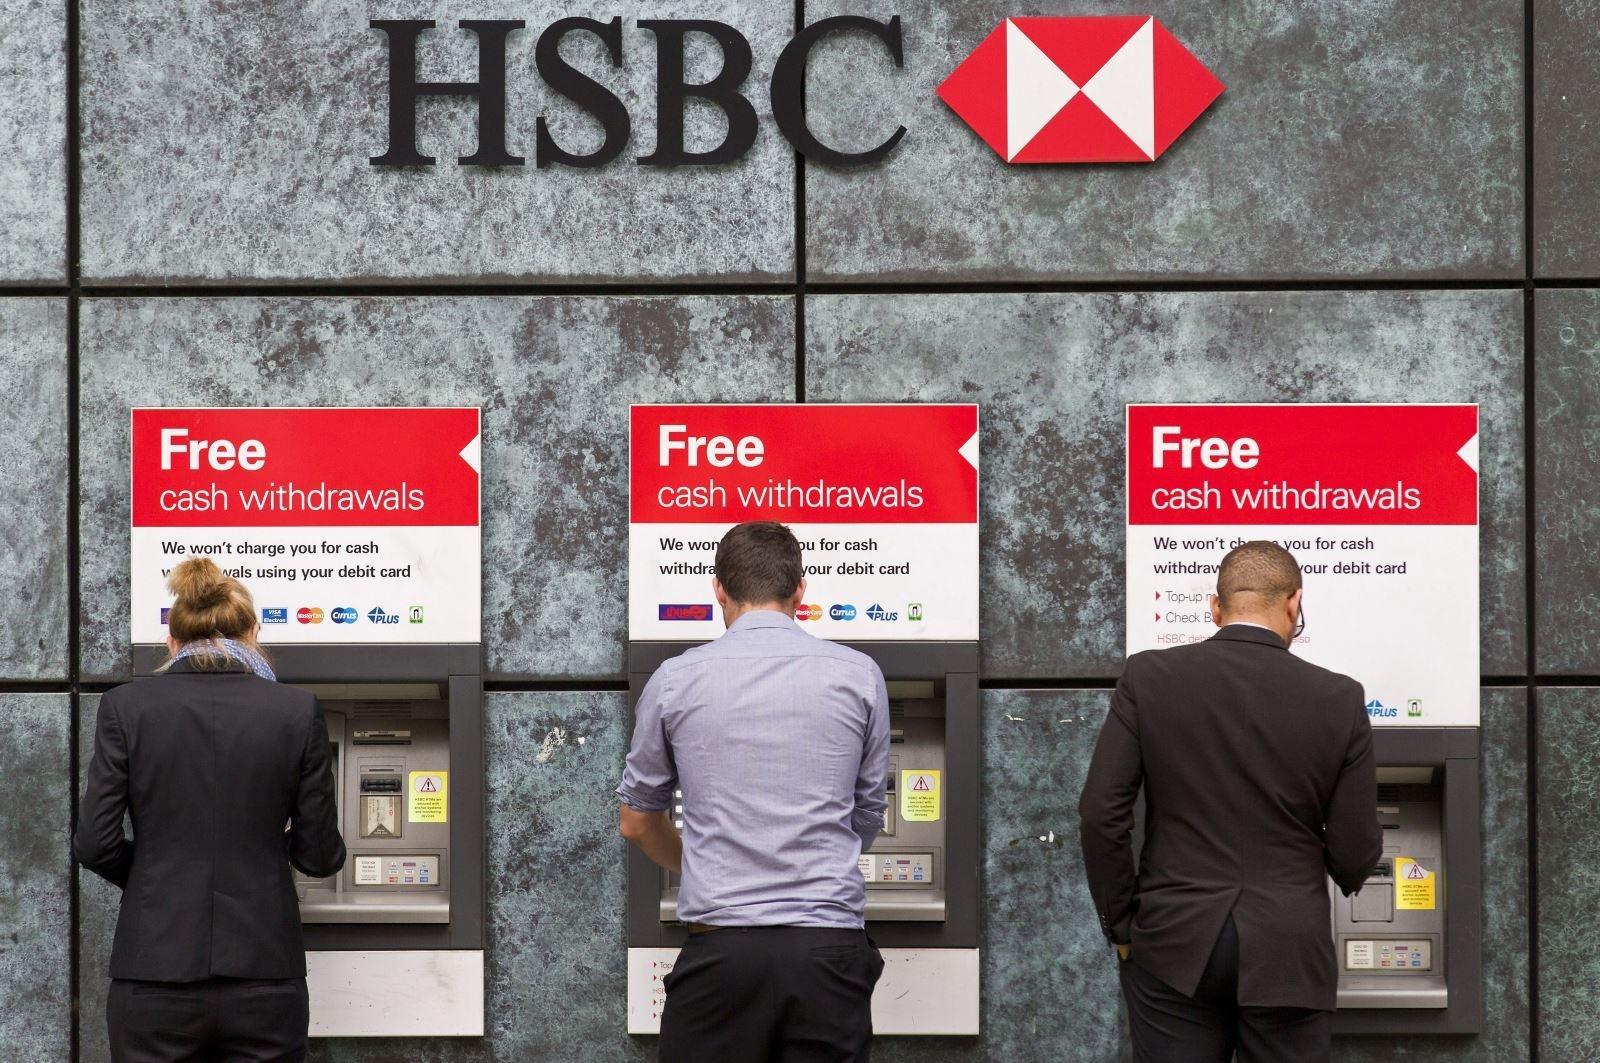 HSBC'nin CEO'su Flint, bankanın kripto paralar konusunda çok kuşkulu olduğunu belirtti.